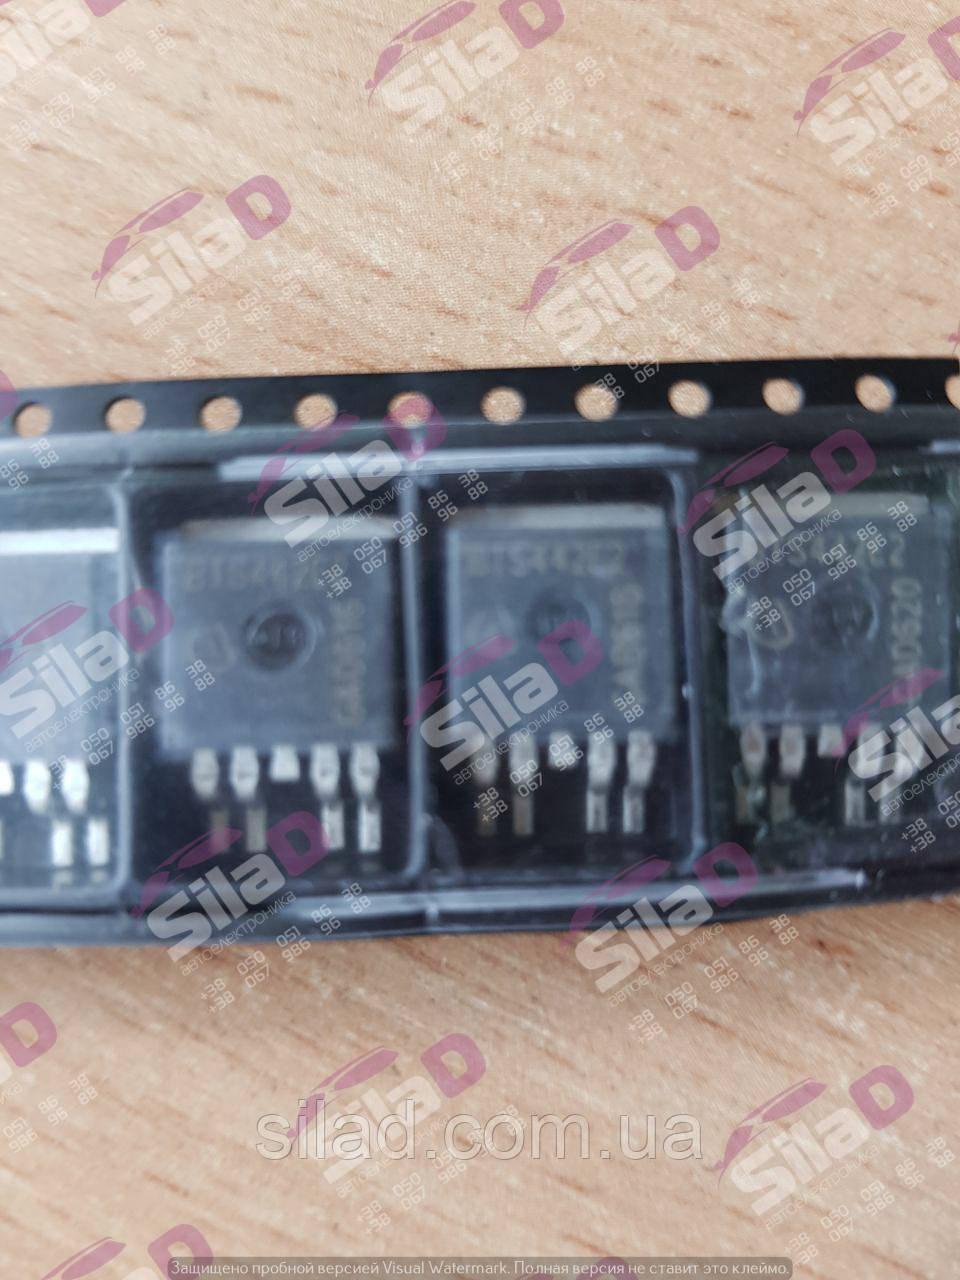 Транзистор BTS442 E2 корпус PG-TO263-5-2